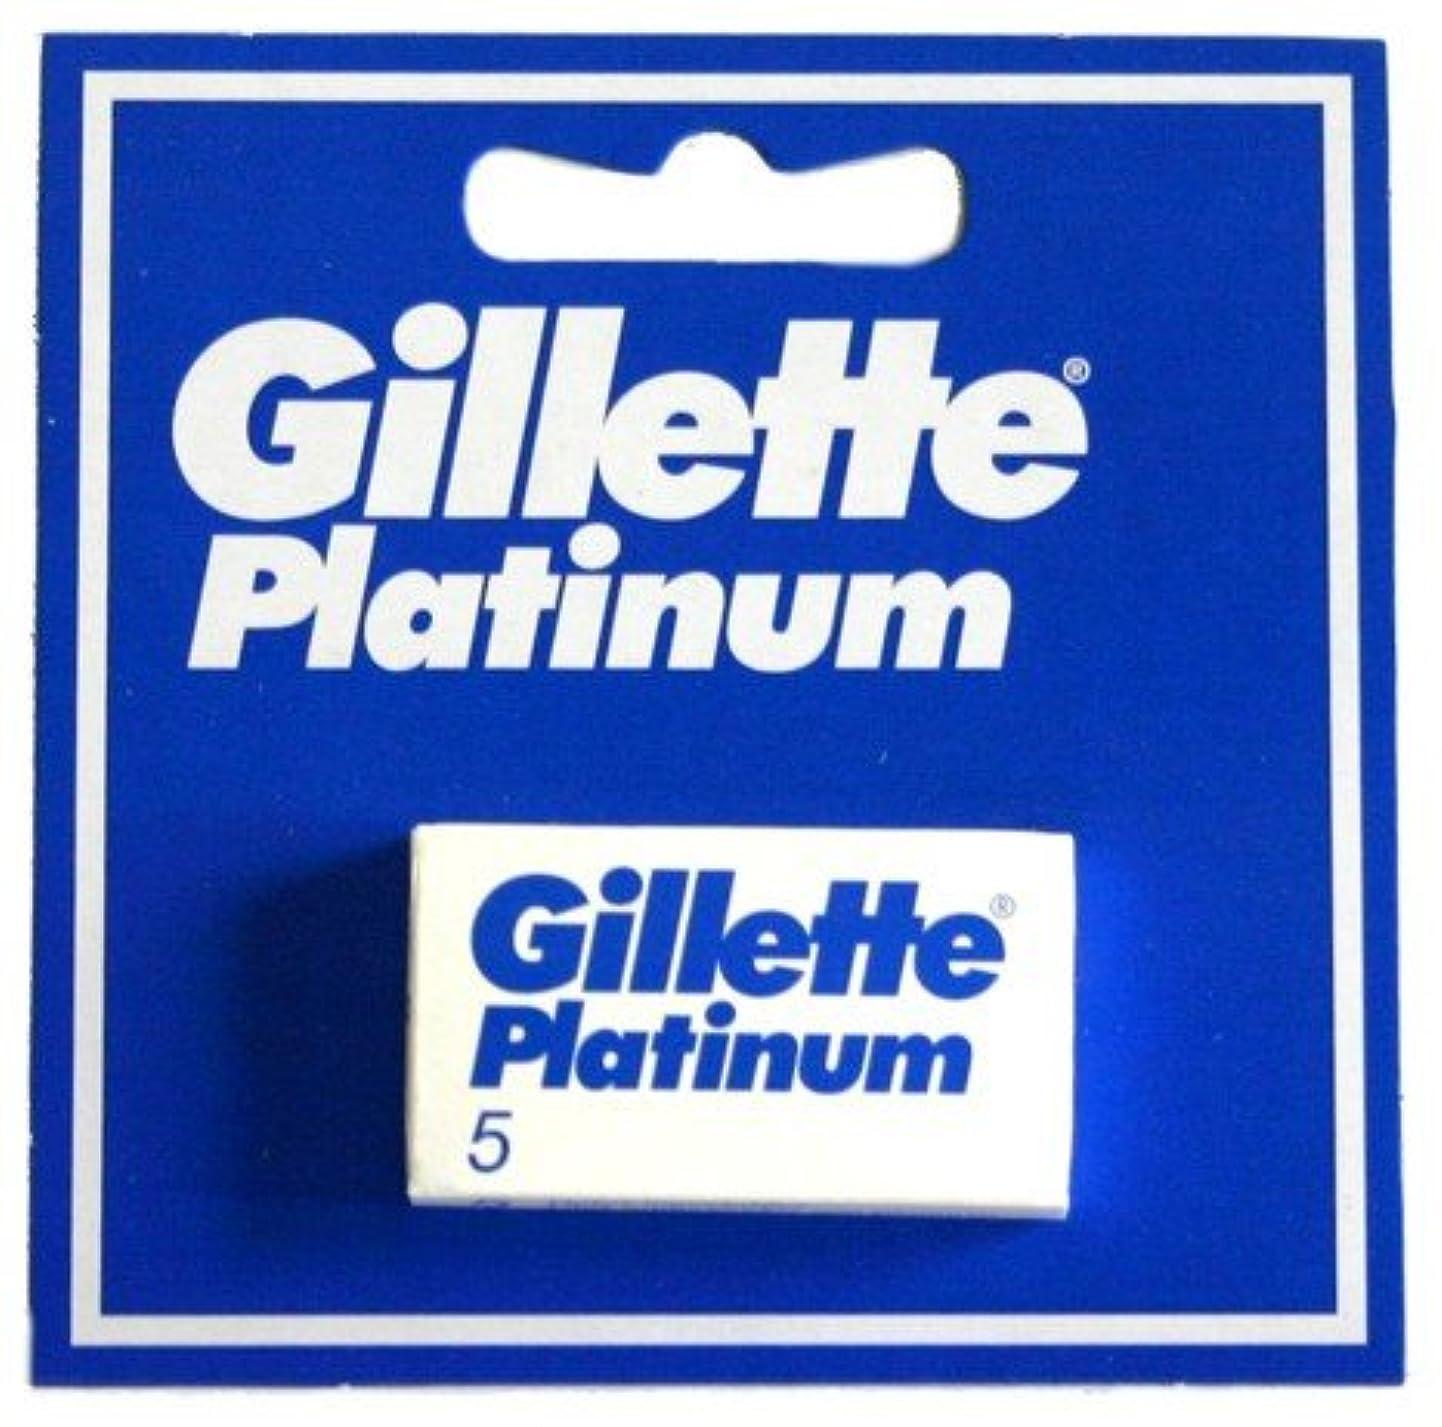 観察するミット刈るGillette Platinum [プレミアムホワイトボックス版!] ジレット プラチナ 両刃替刃 50個入り (5*10) [海外直送品] [並行輸入品]